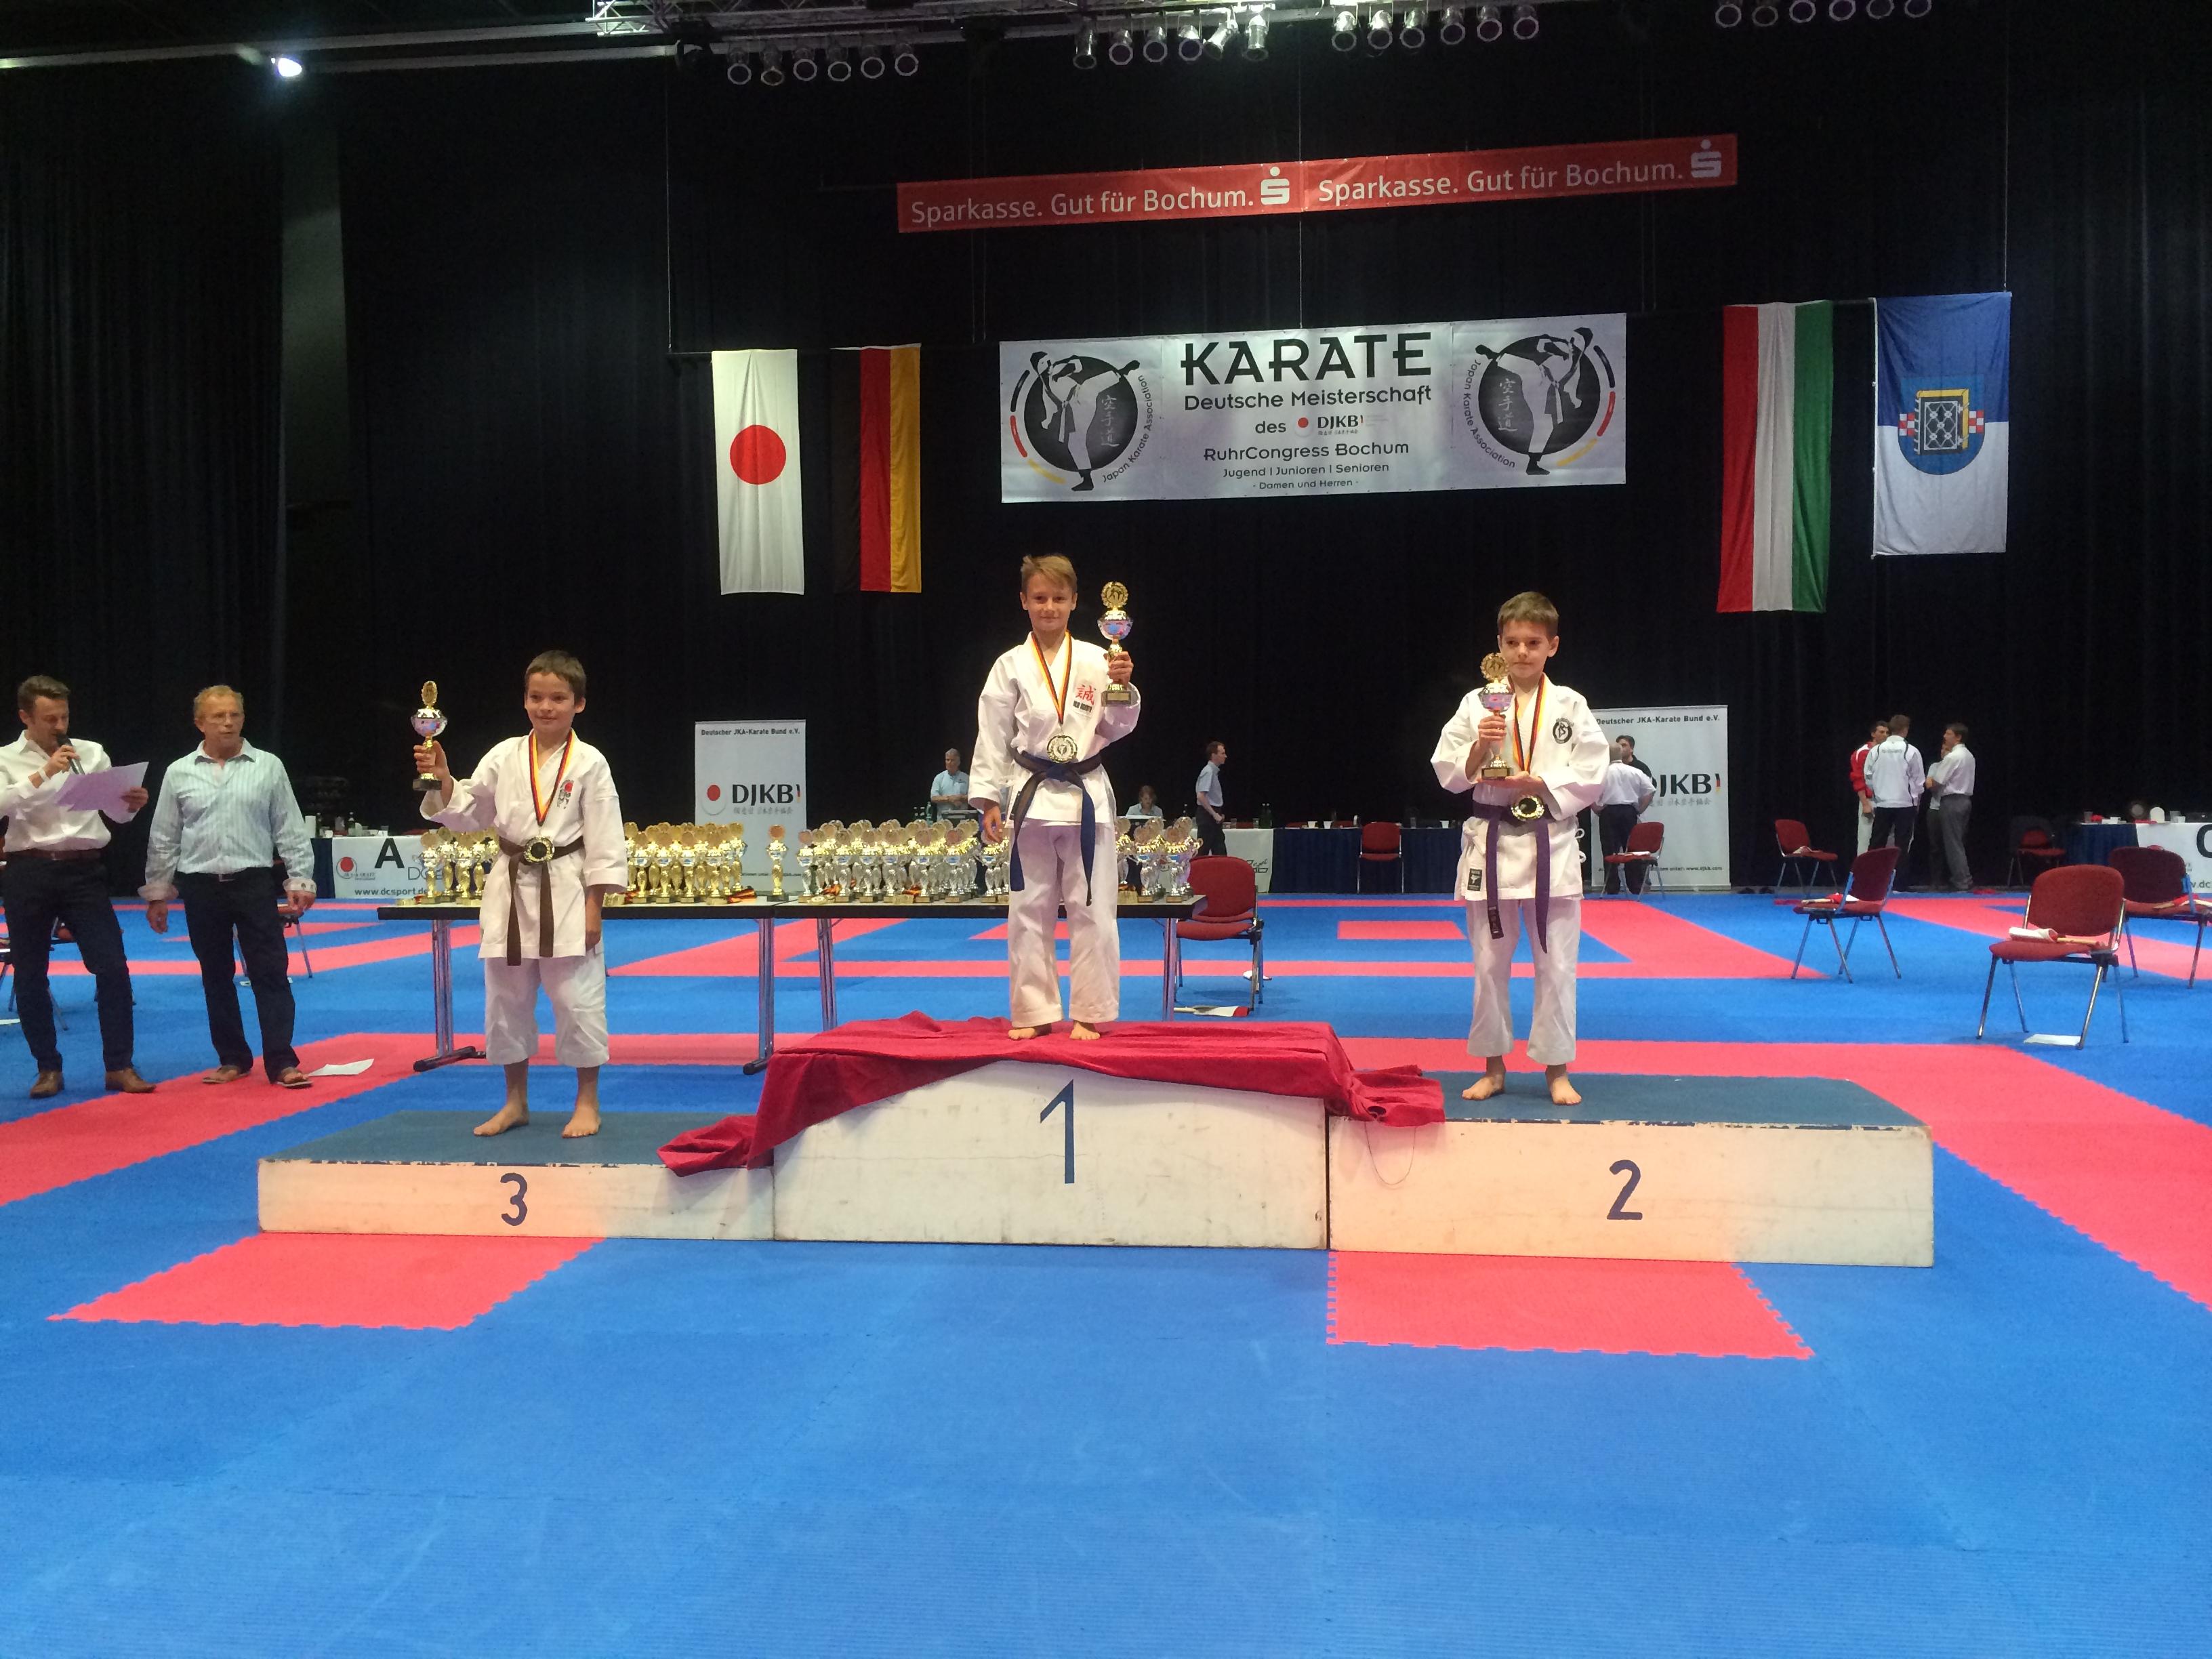 Deutsche Meisterschaft 2014 in Bochum